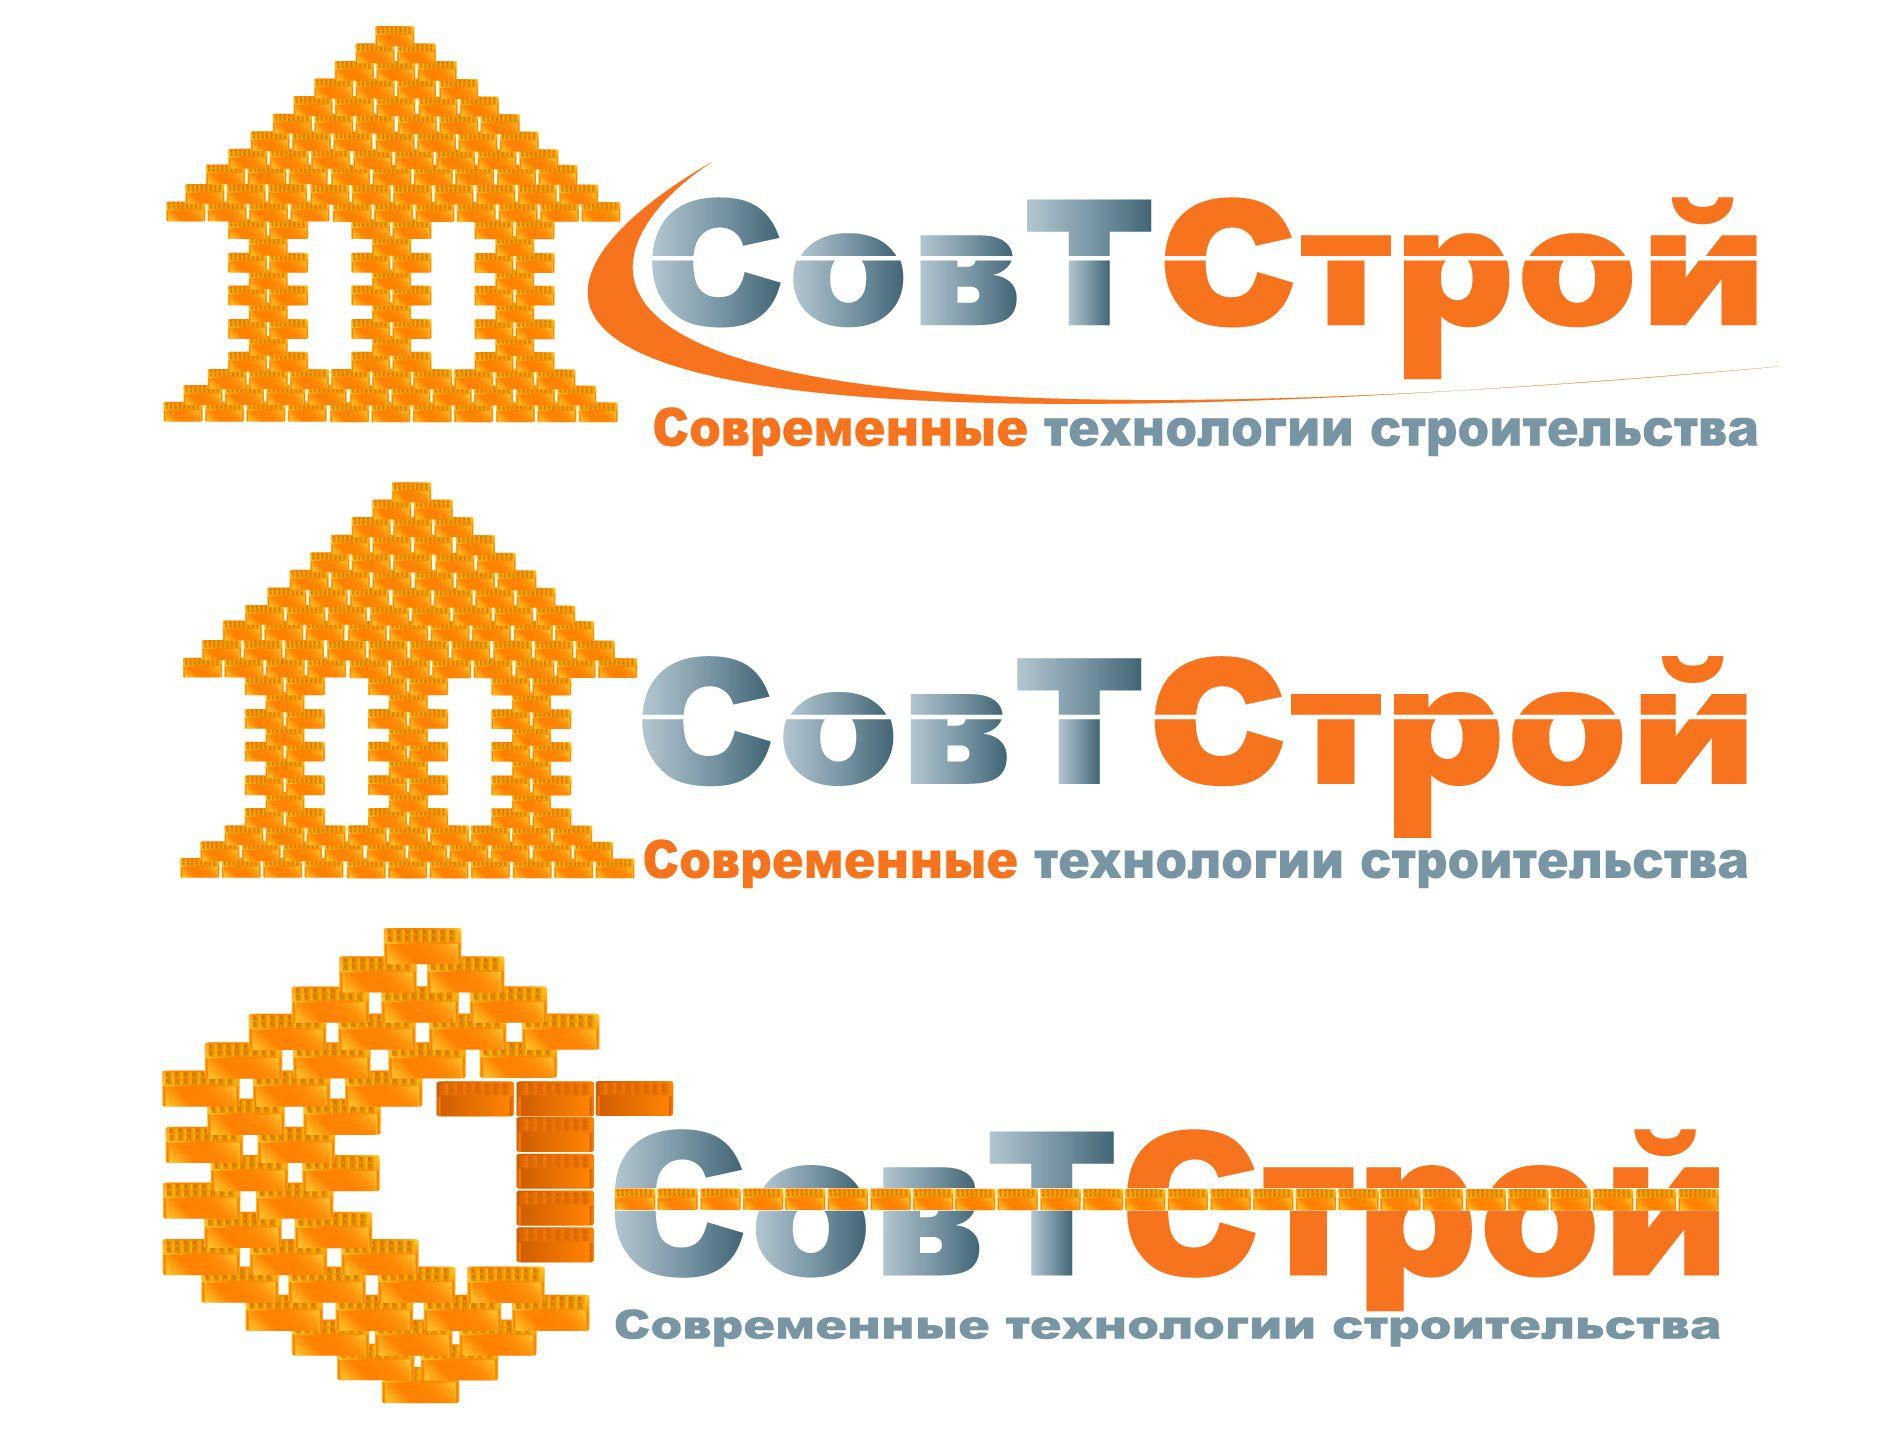 Логотип для поставщика строительных материалов - дизайнер Valentin1982